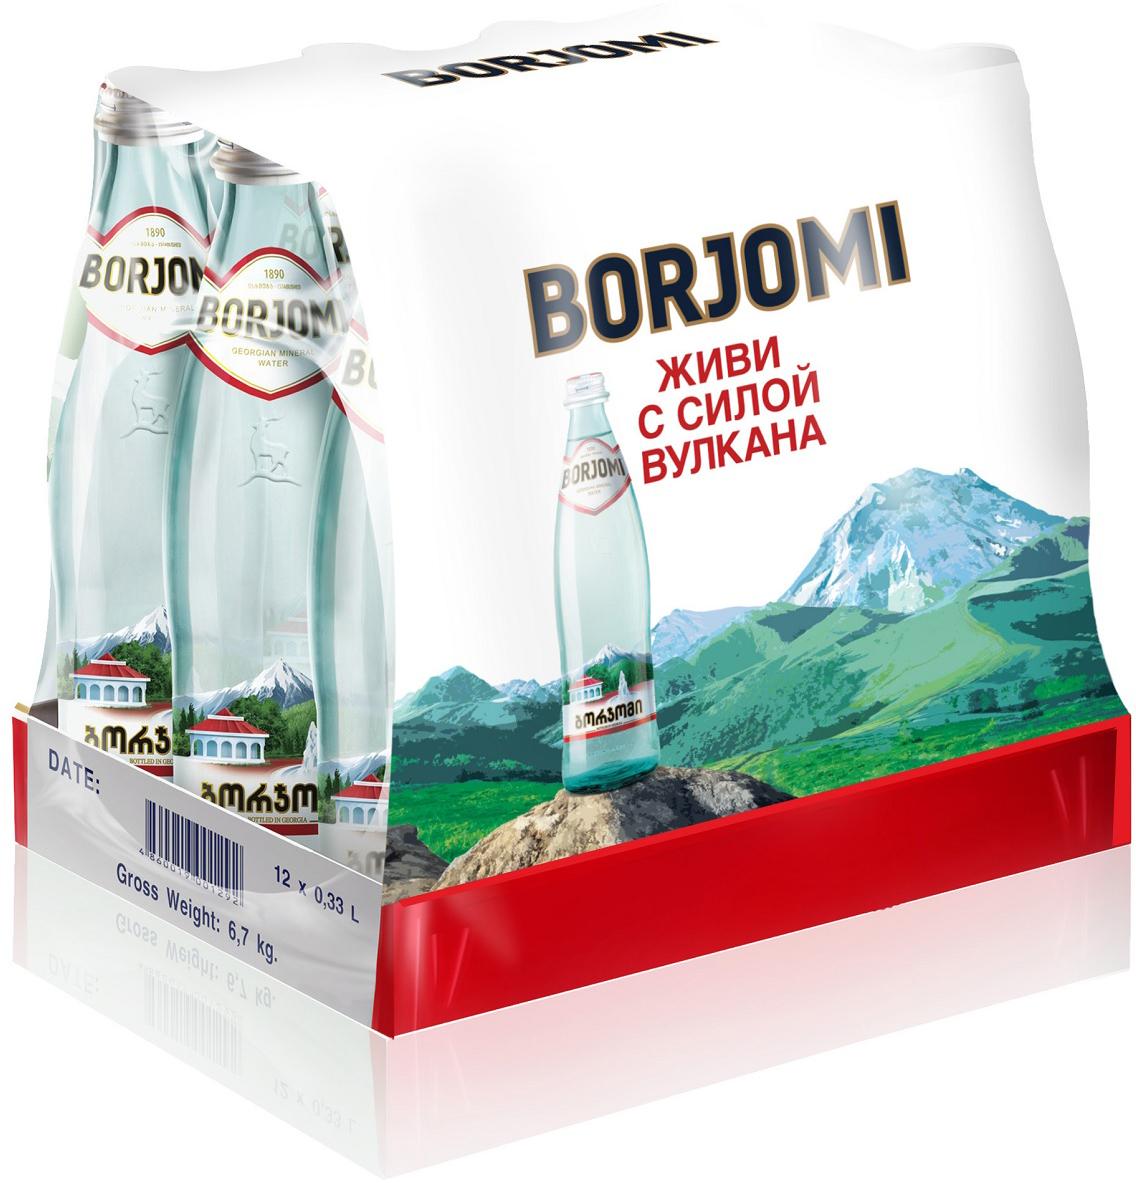 Вода Borjomi природная гидрокарбонатно-натриевая минеральная, 12 шт по 0,33 л вода borjomi без газа 0 5 л